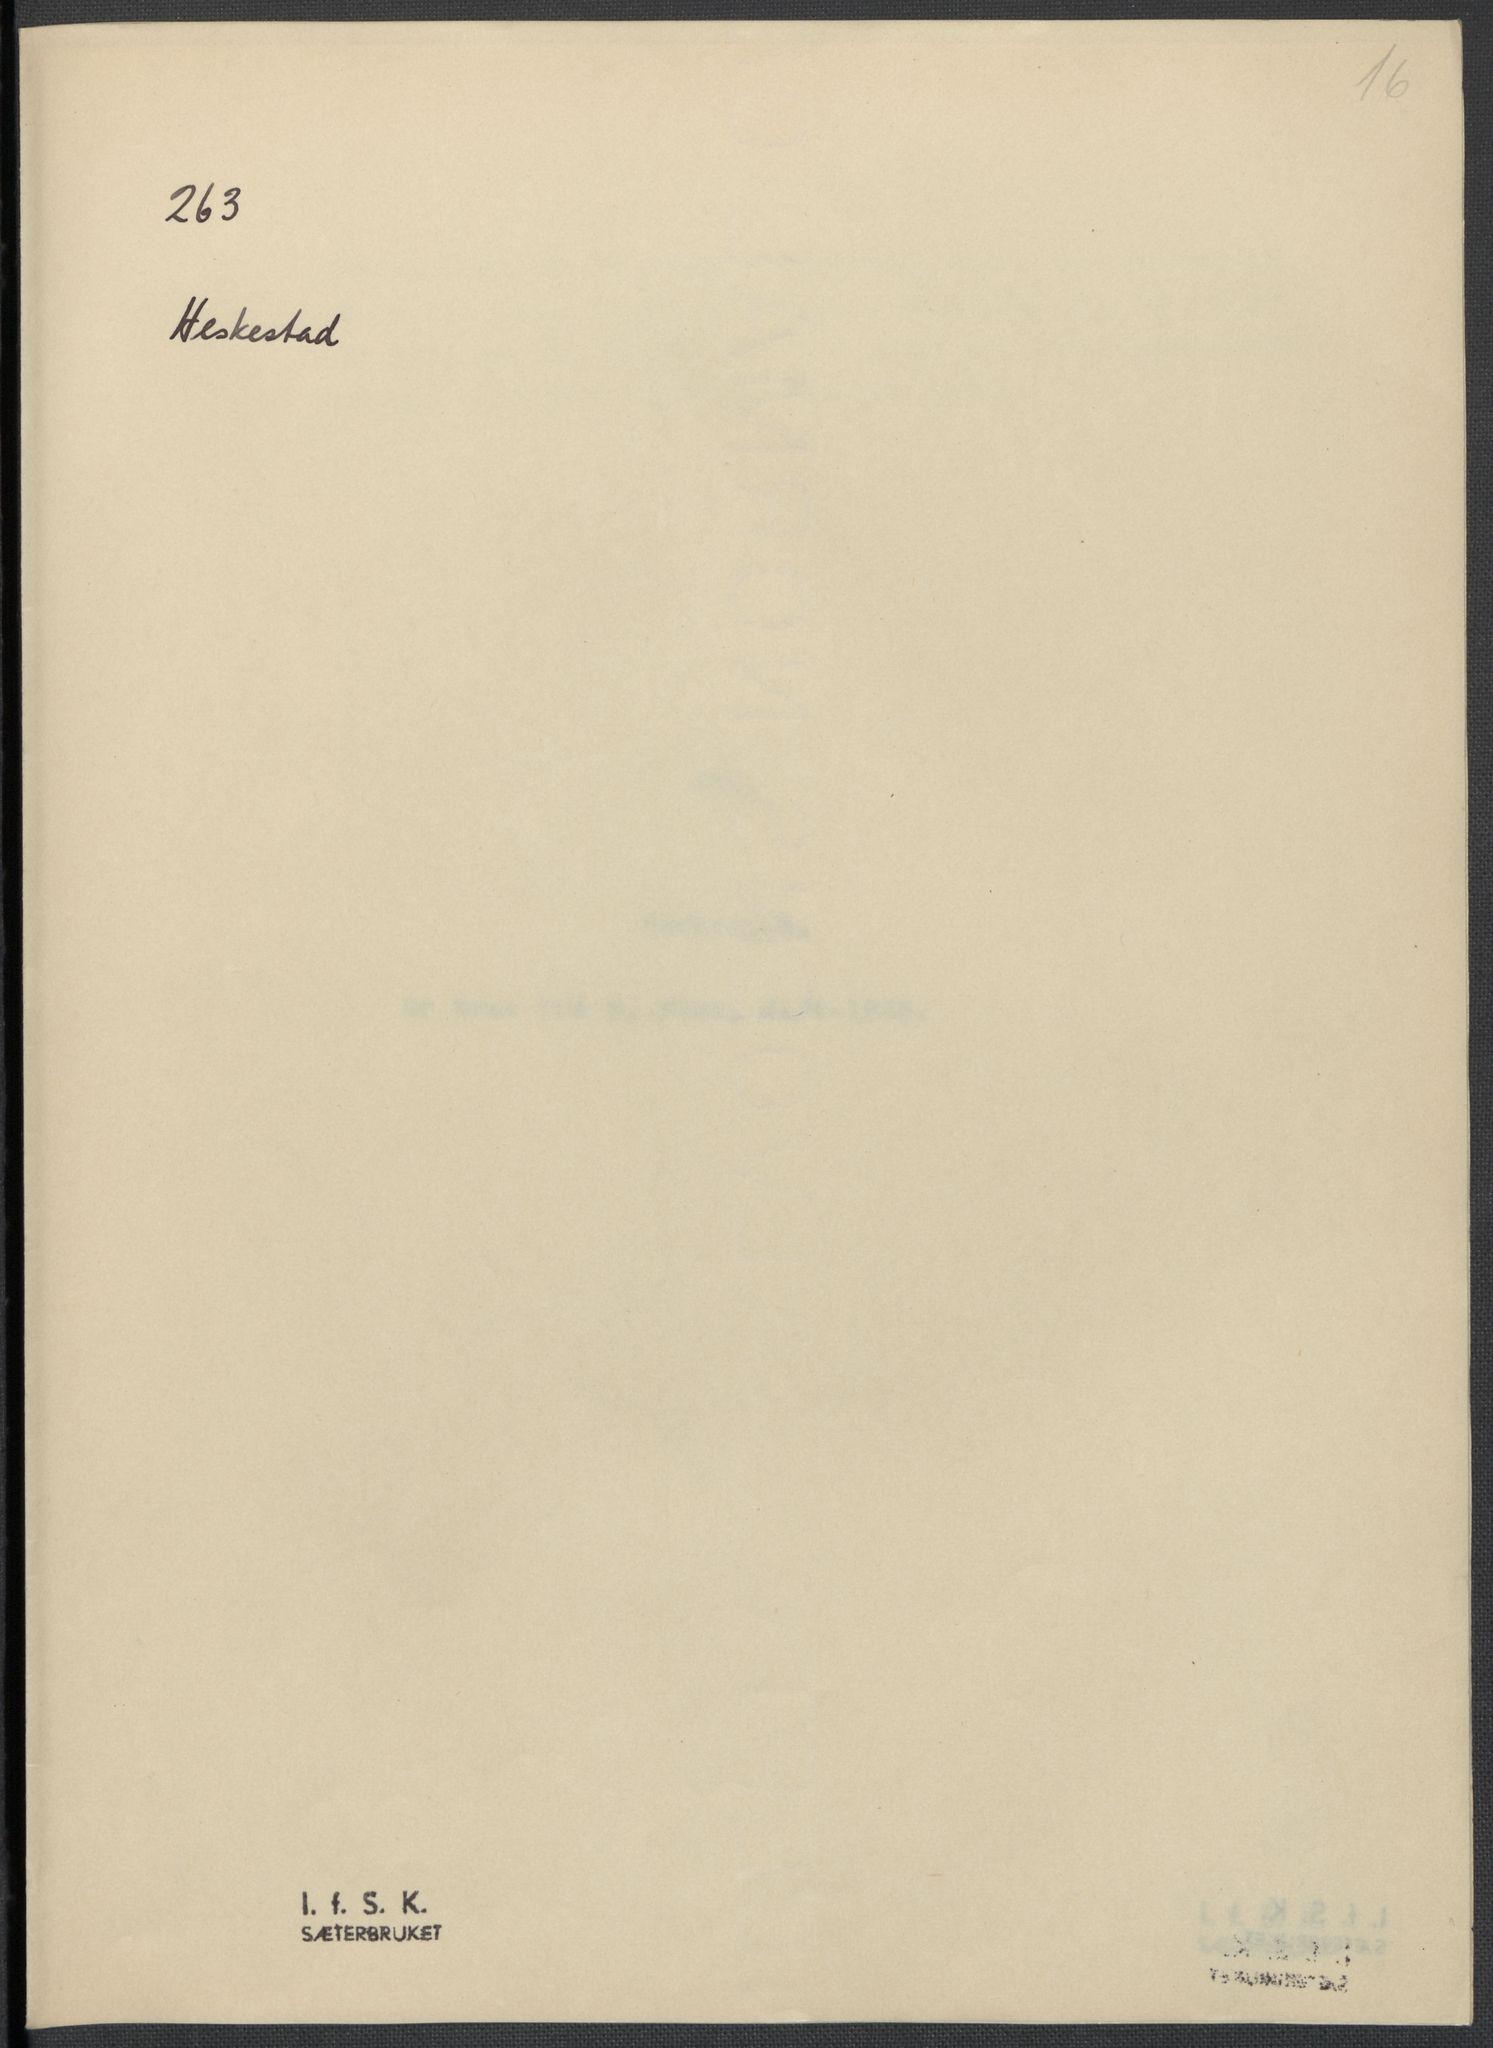 RA, Instituttet for sammenlignende kulturforskning, F/Fc/L0009: Eske B9:, 1932-1935, s. 16